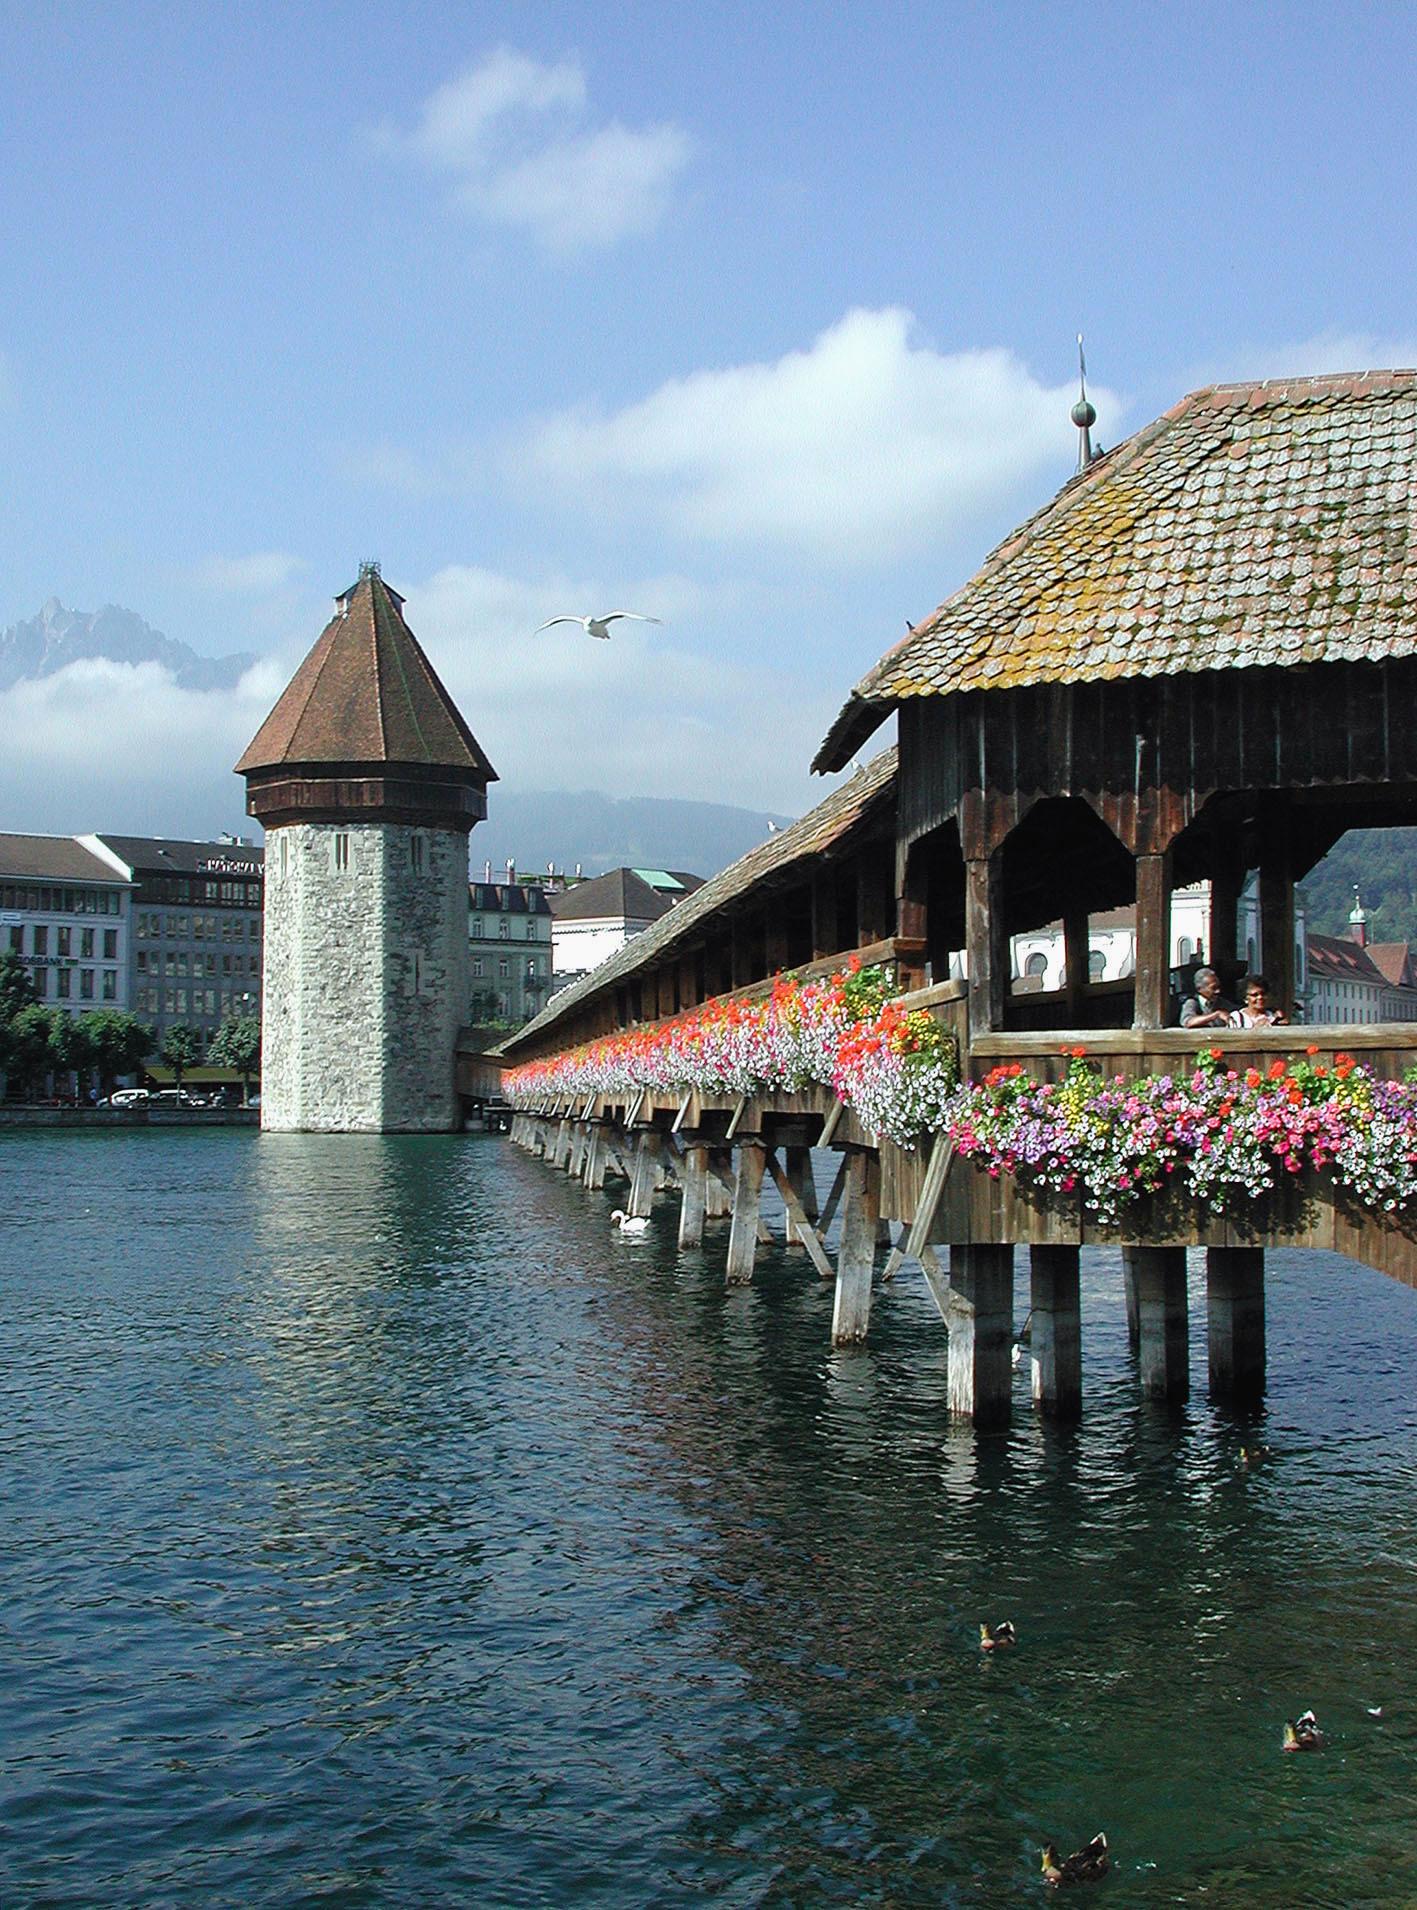 15476 скачать обои Пейзаж, Вода, Мосты, Архитектура, Италия, Венеция - заставки и картинки бесплатно